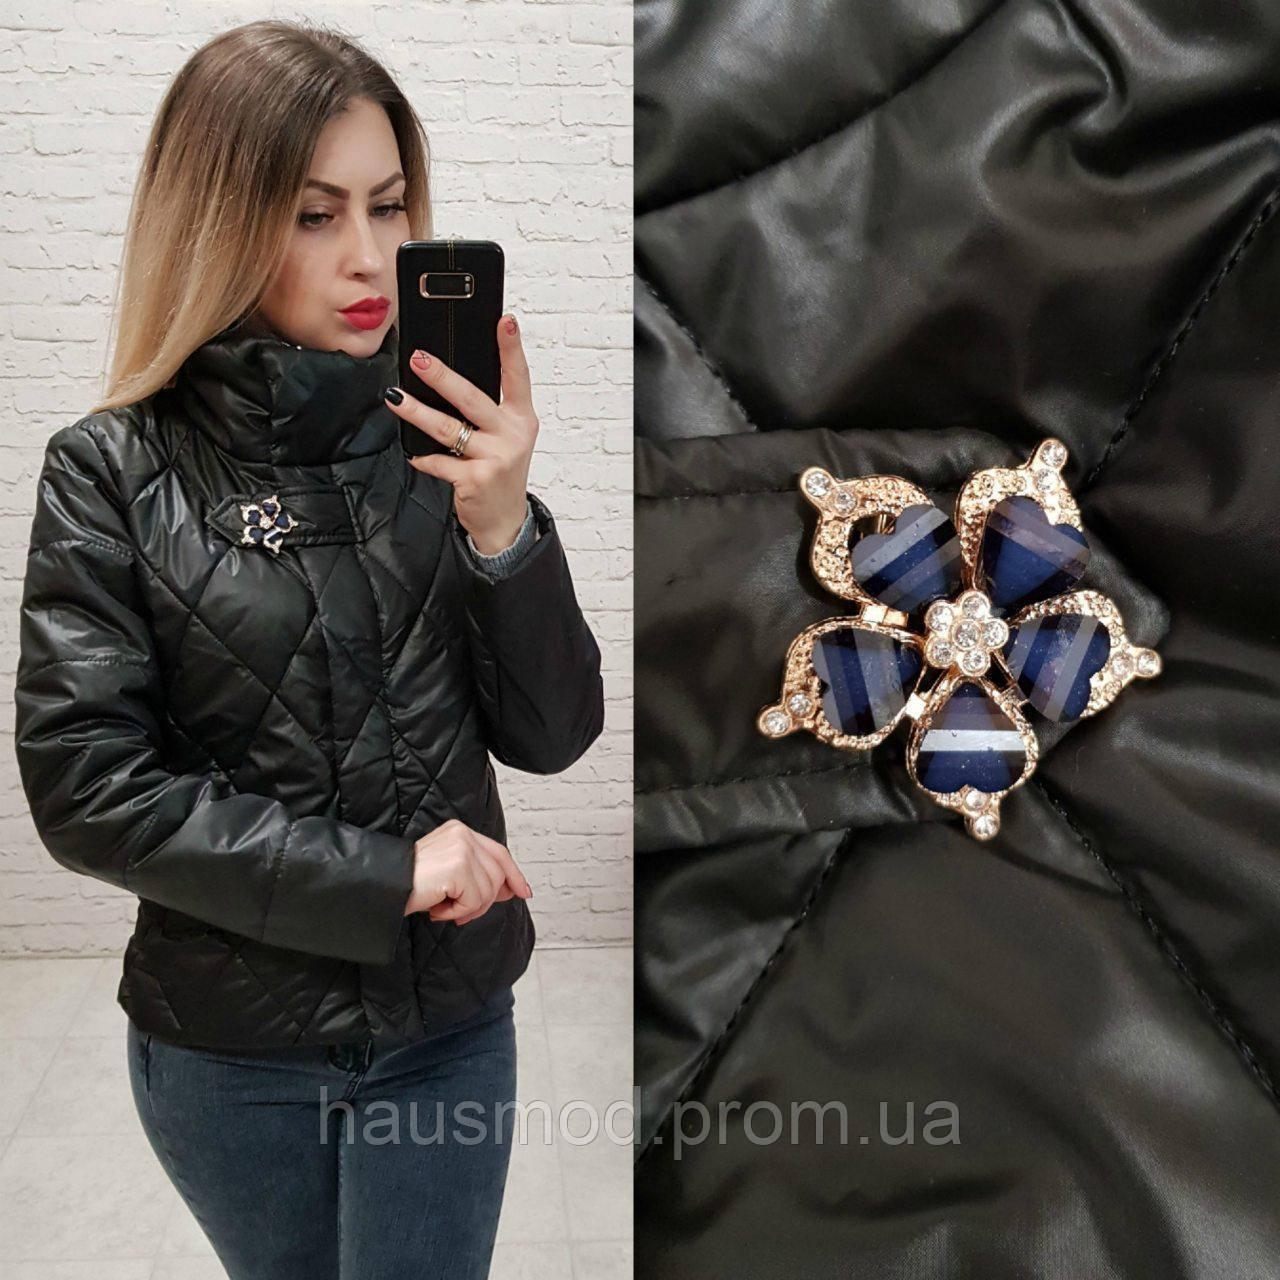 07f92173fdf Женская куртка на синтепоне весна осень фабричный китай синяя ...